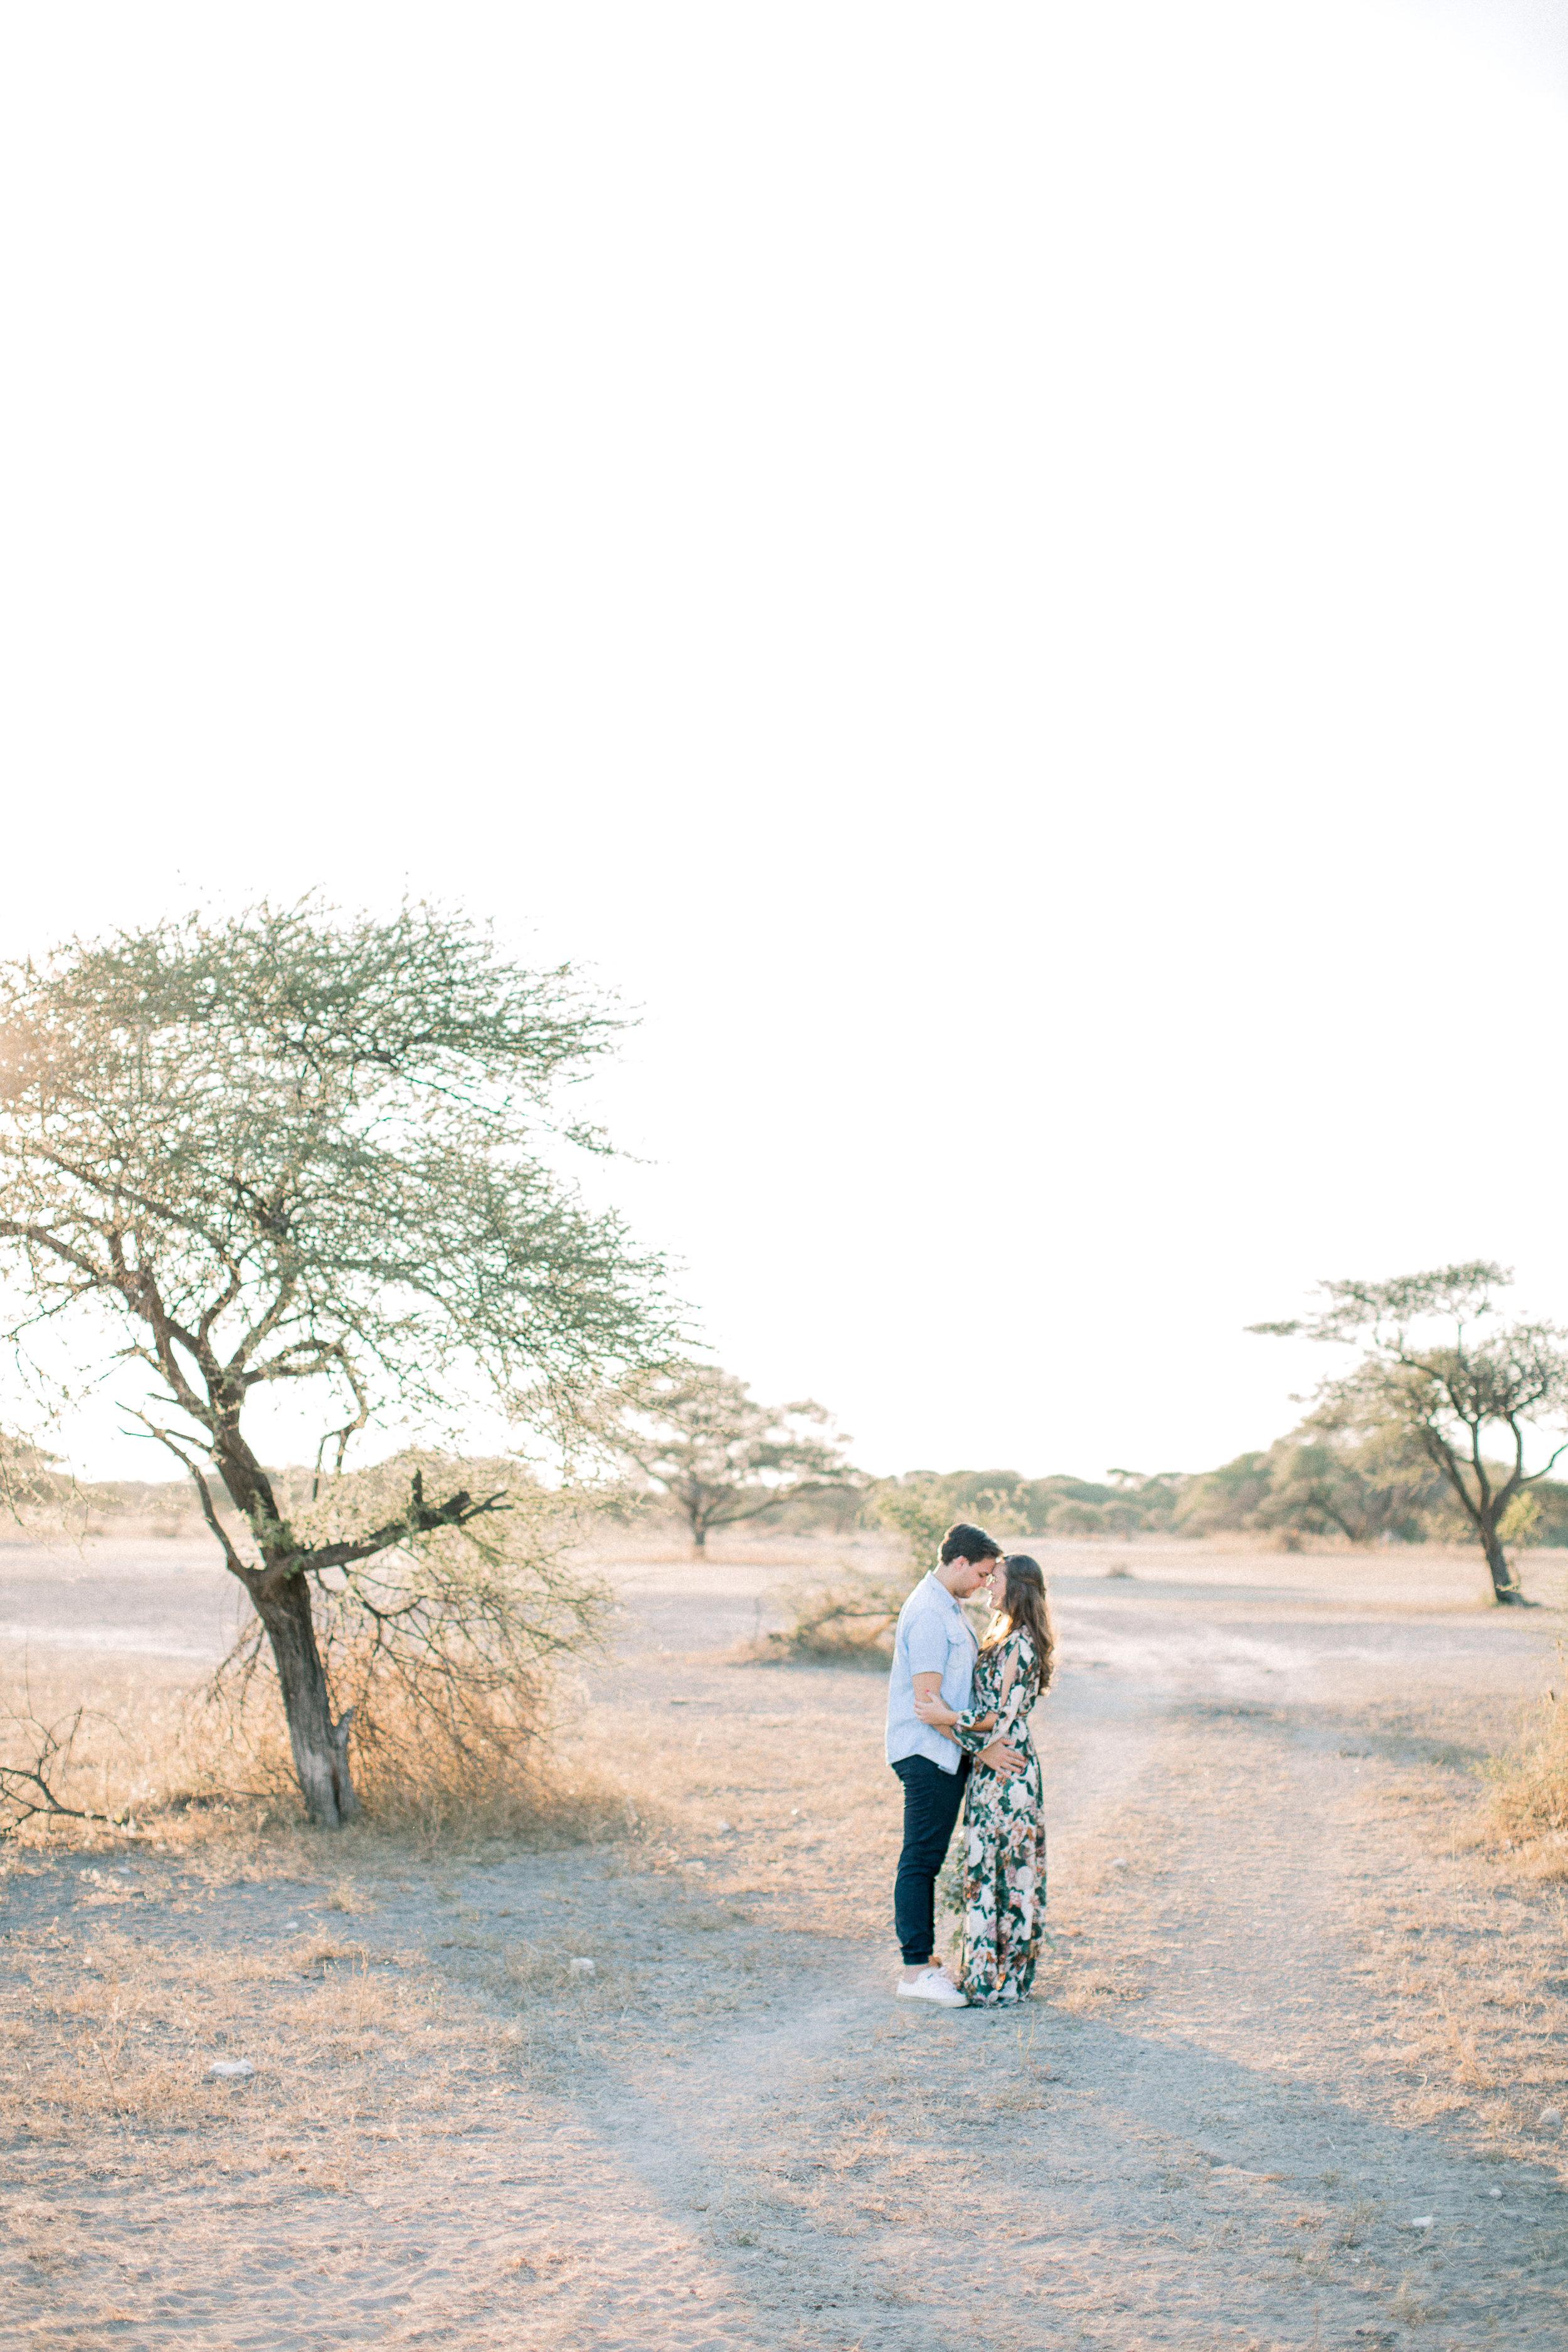 Dehan &roelandi - COUPLE